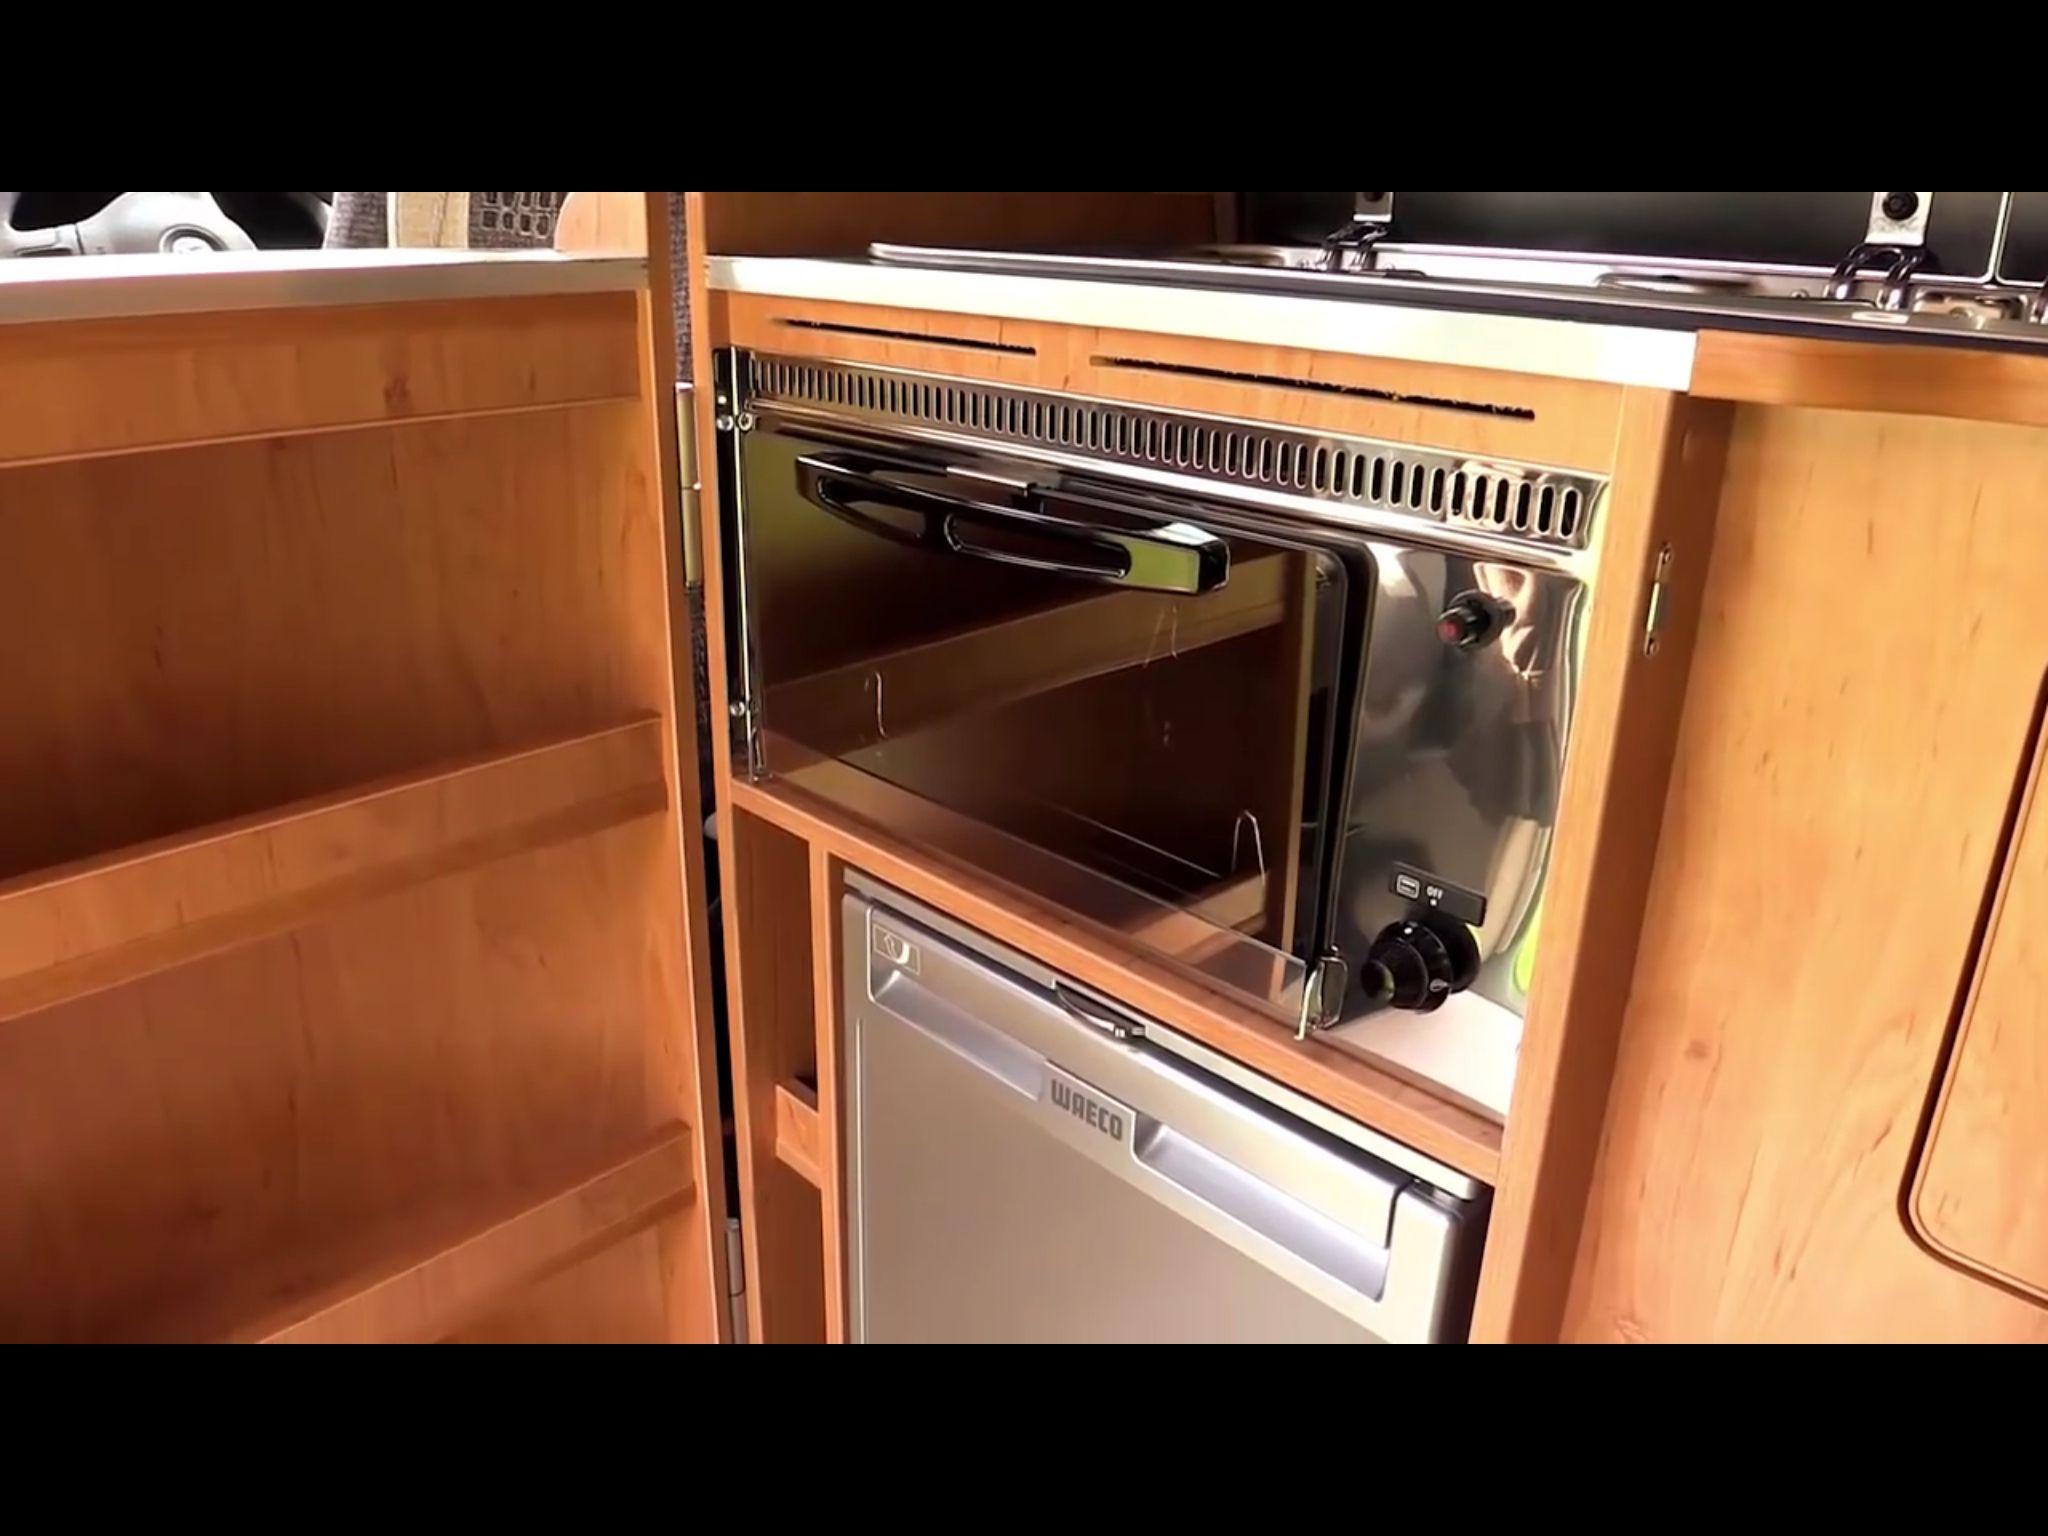 Kast Voor Magnetron : Ideale kast voor de koelkast en oven magnetron camper koelkast